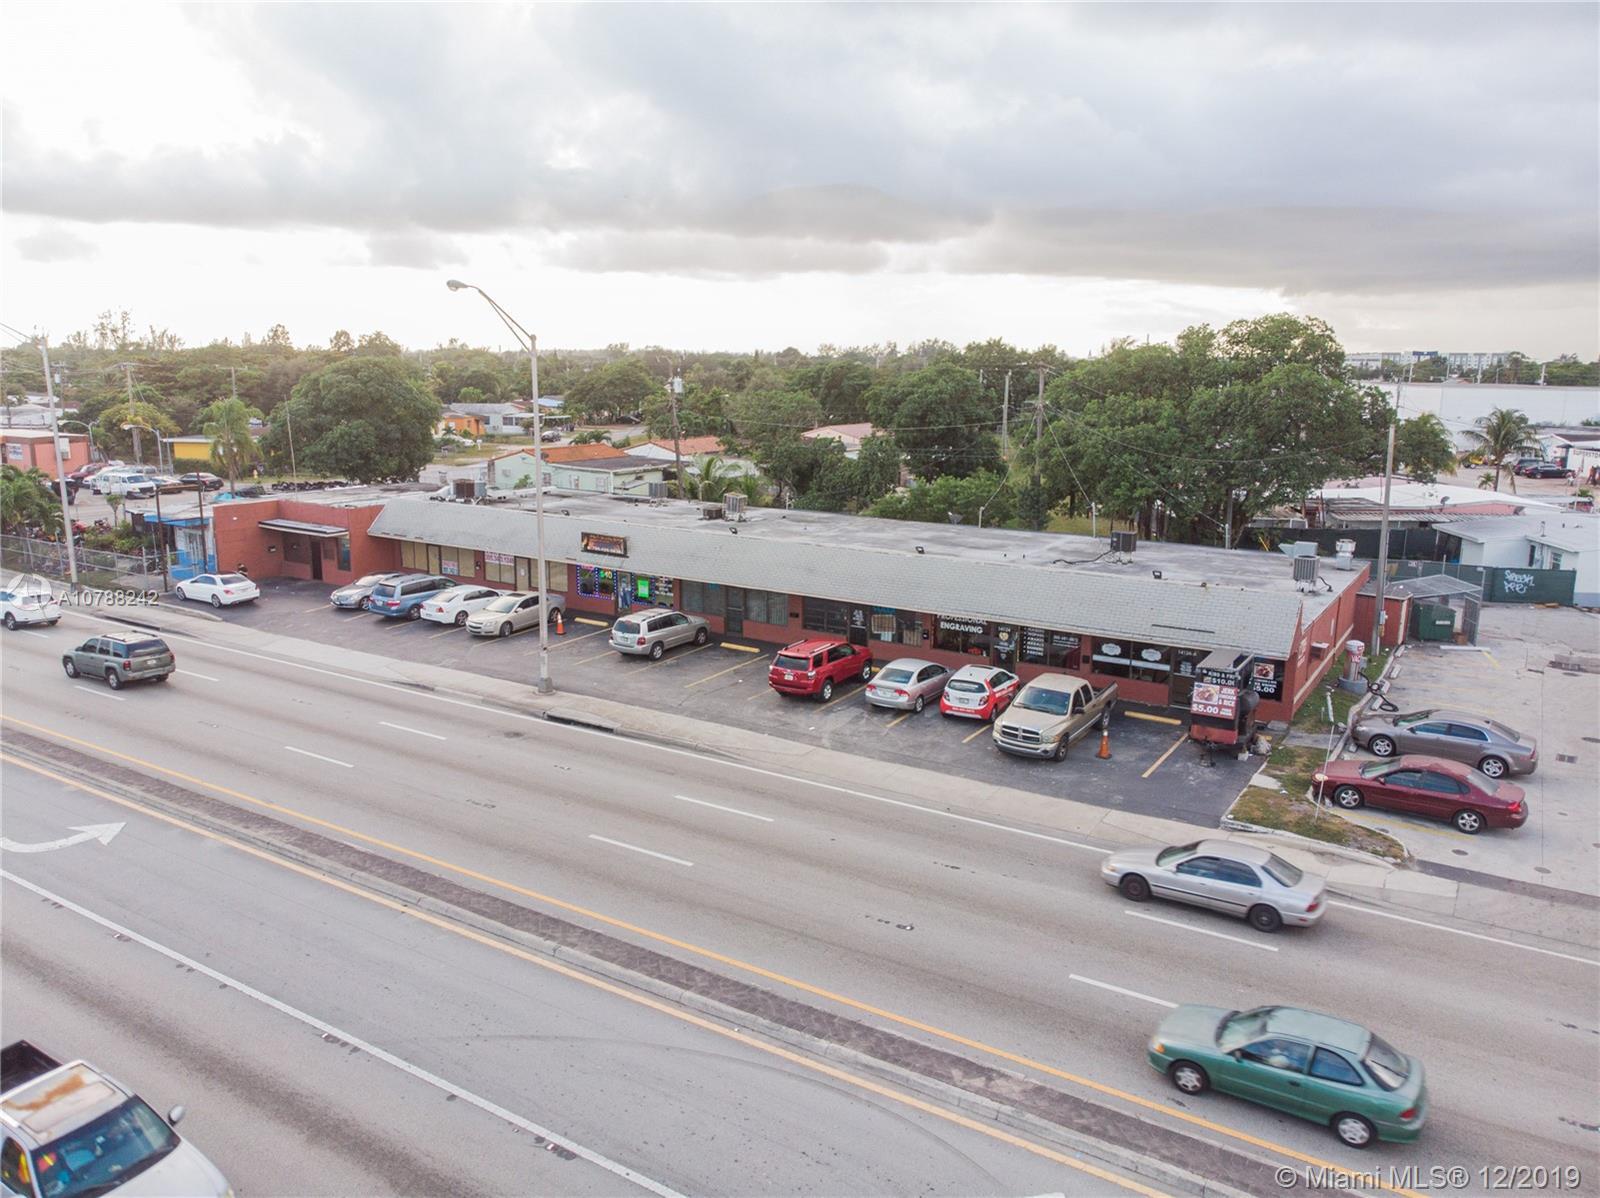 14120 NW 27th Ave, Opa-Locka, FL 33054